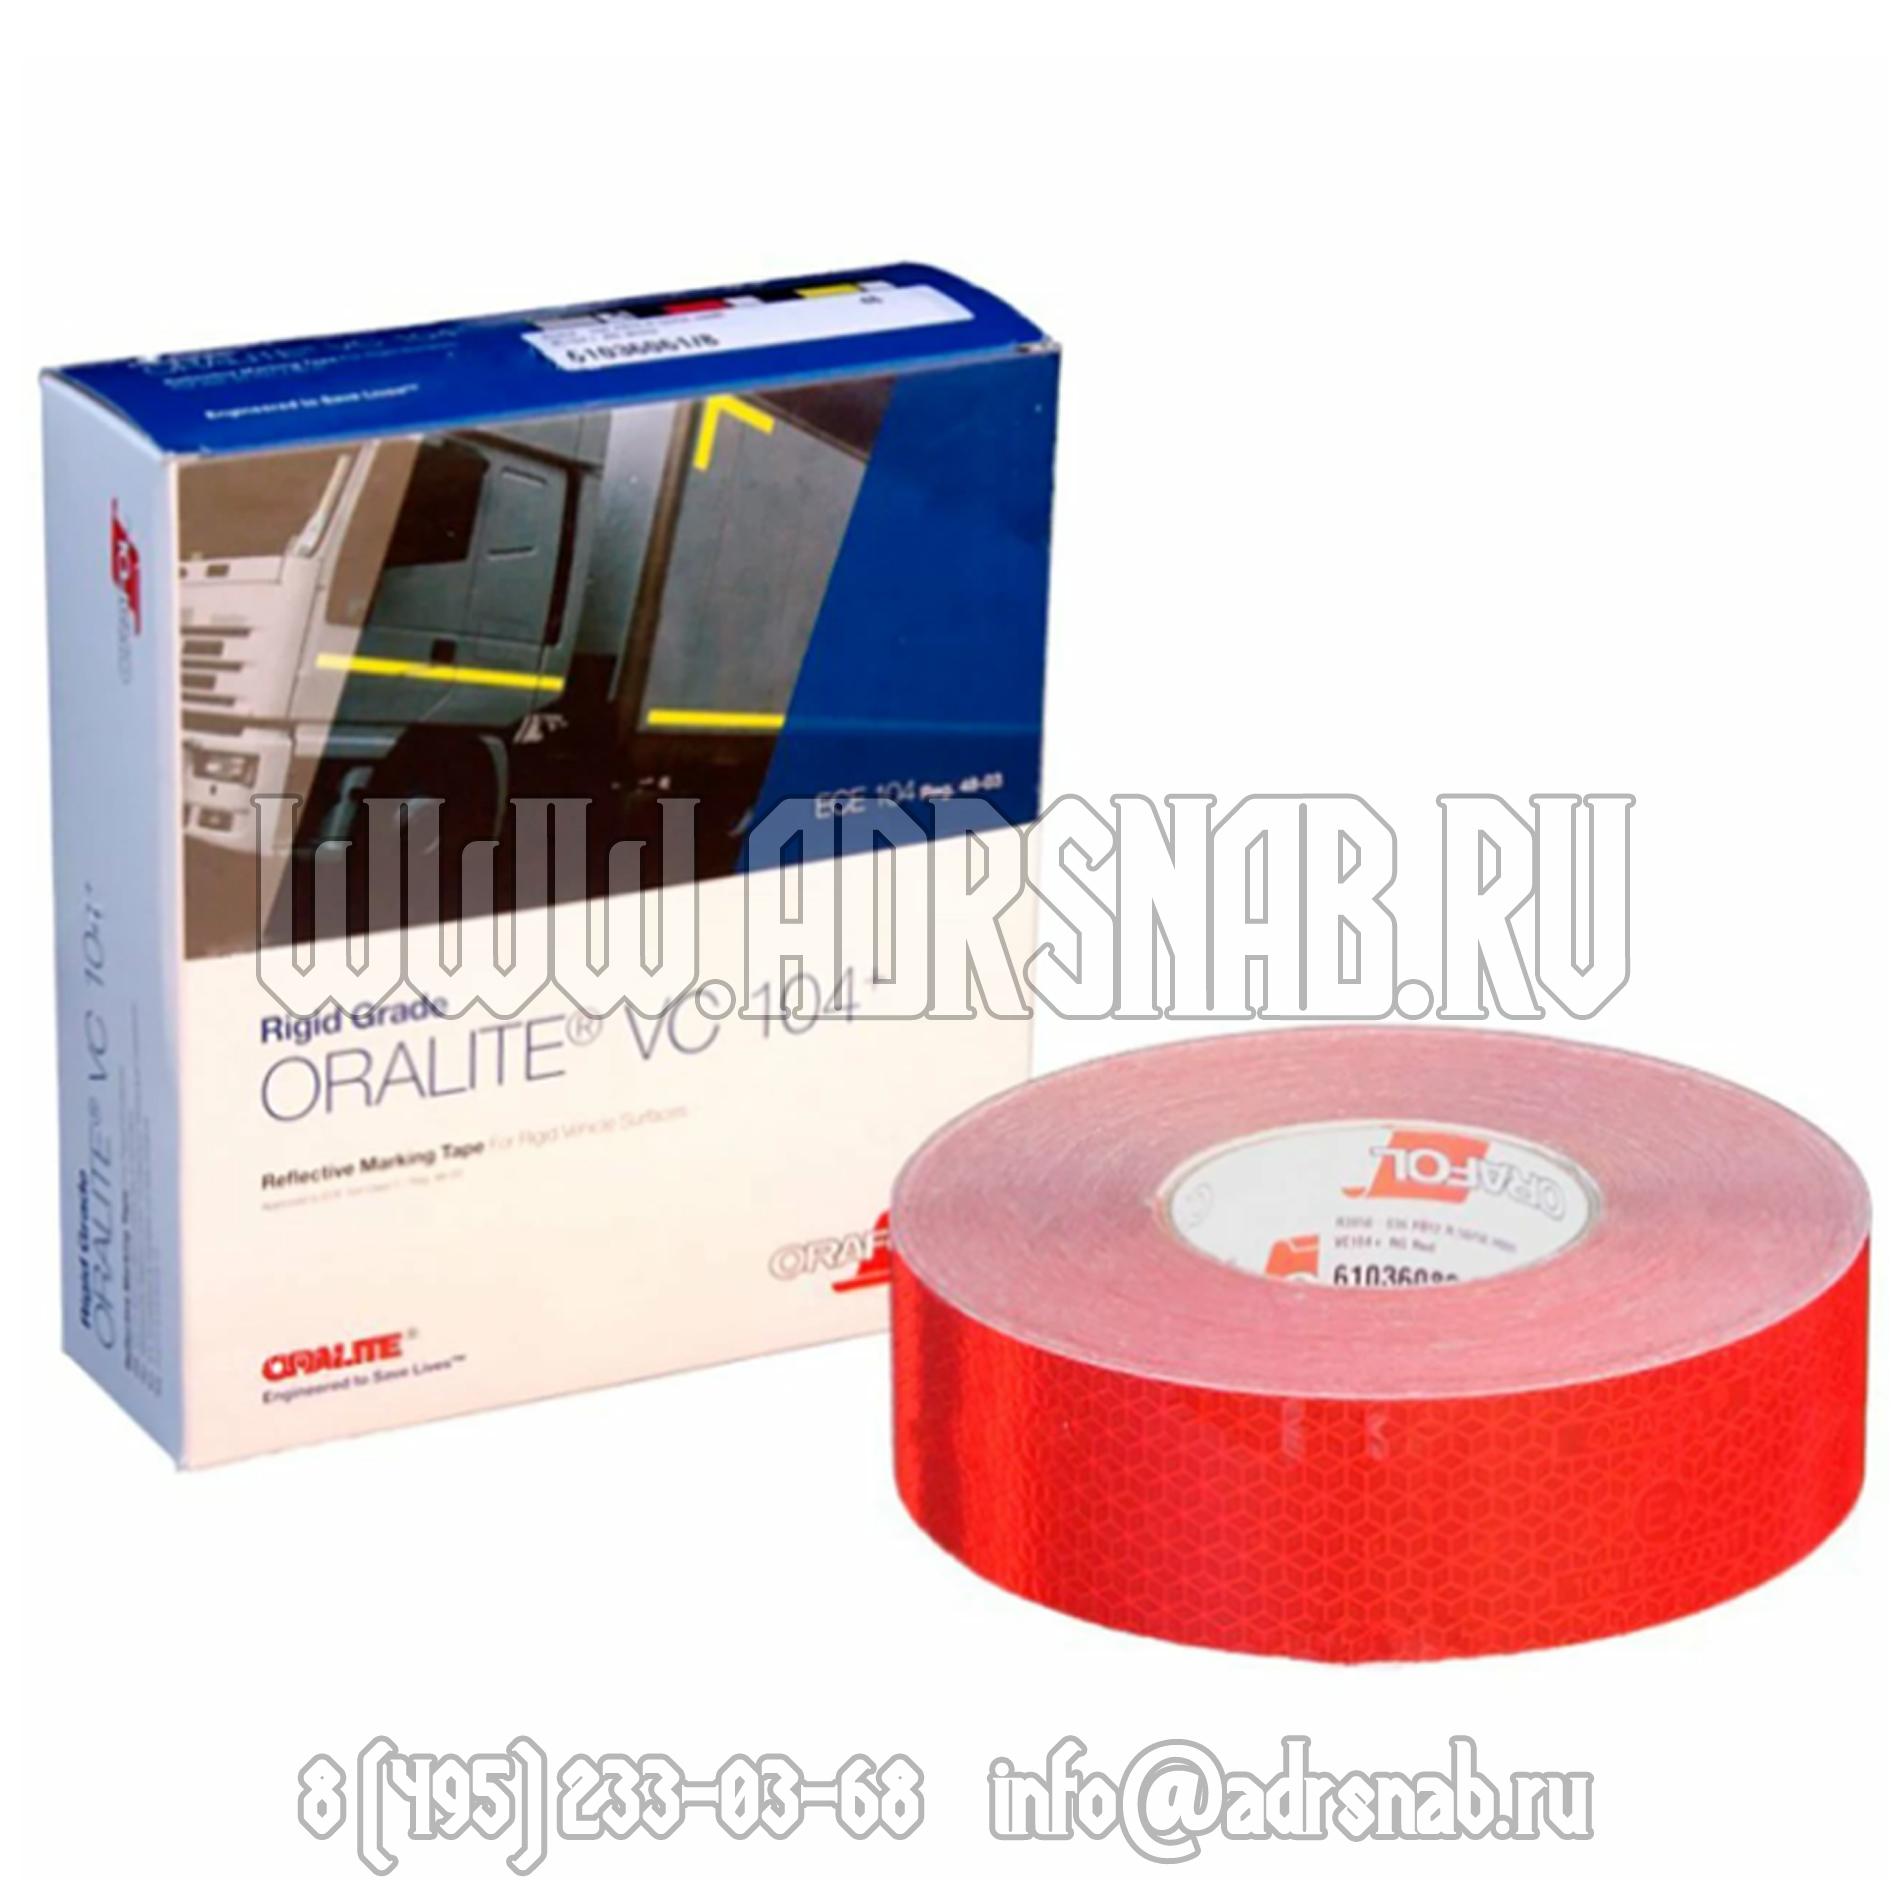 Oralite VC104 Rigid Grade Commercial красный